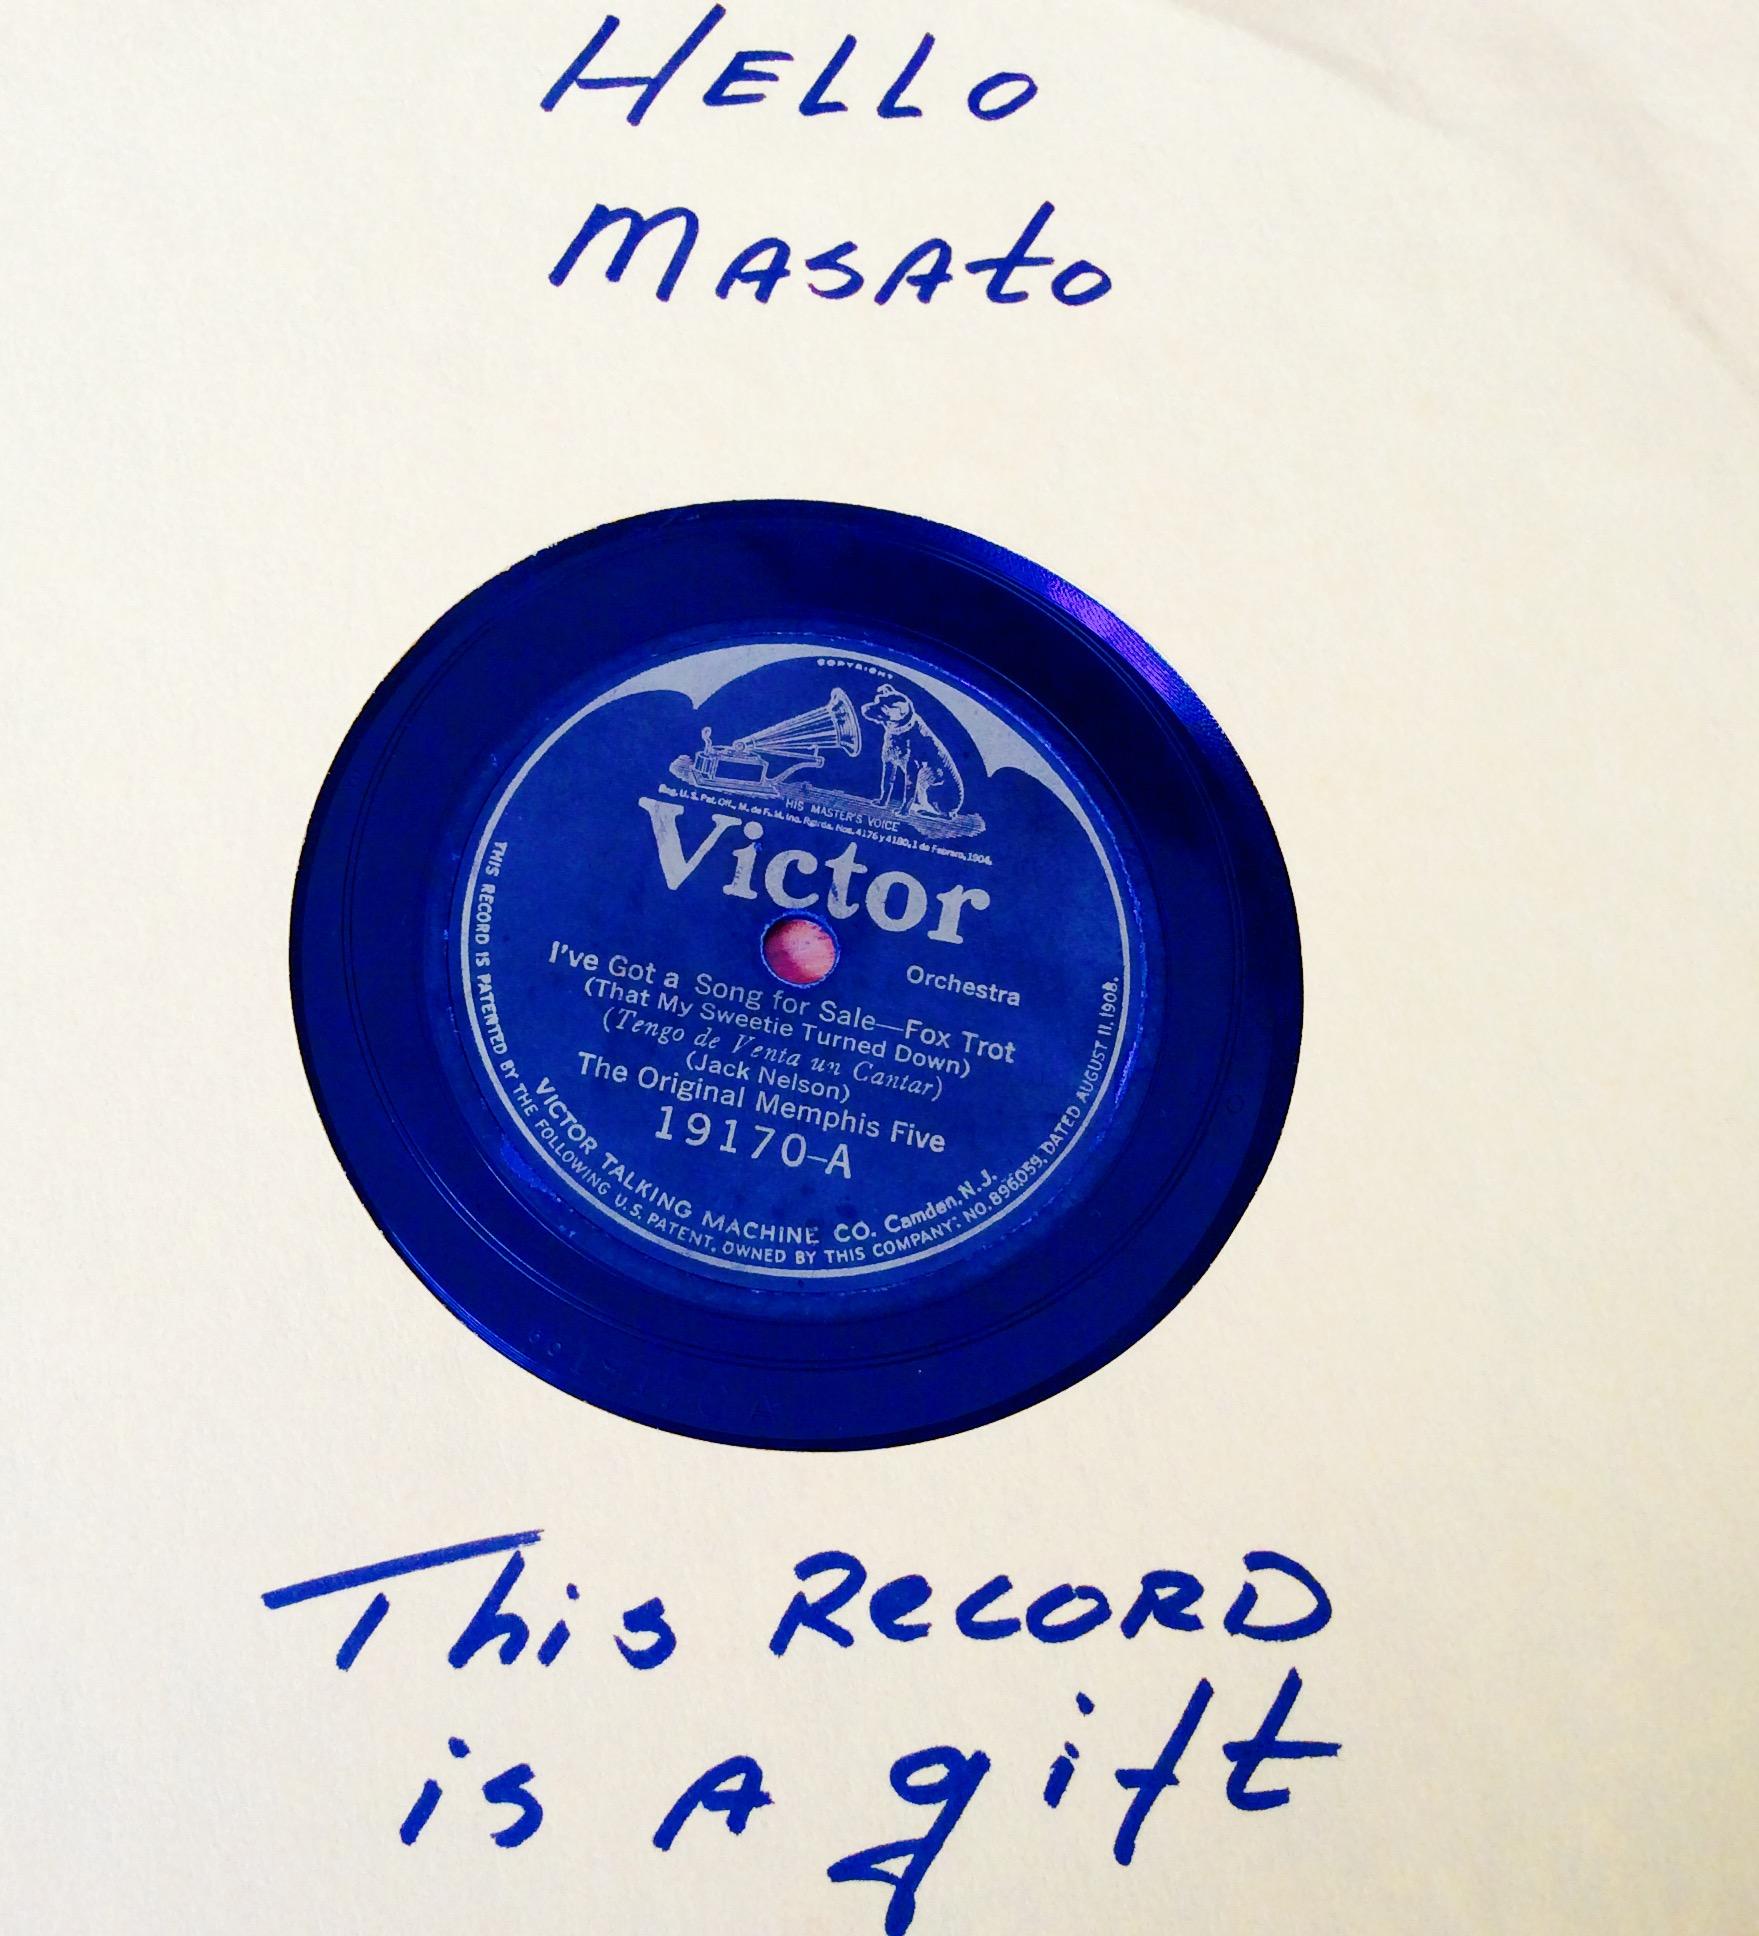 1枚のレコード_c0202101_04377.jpg